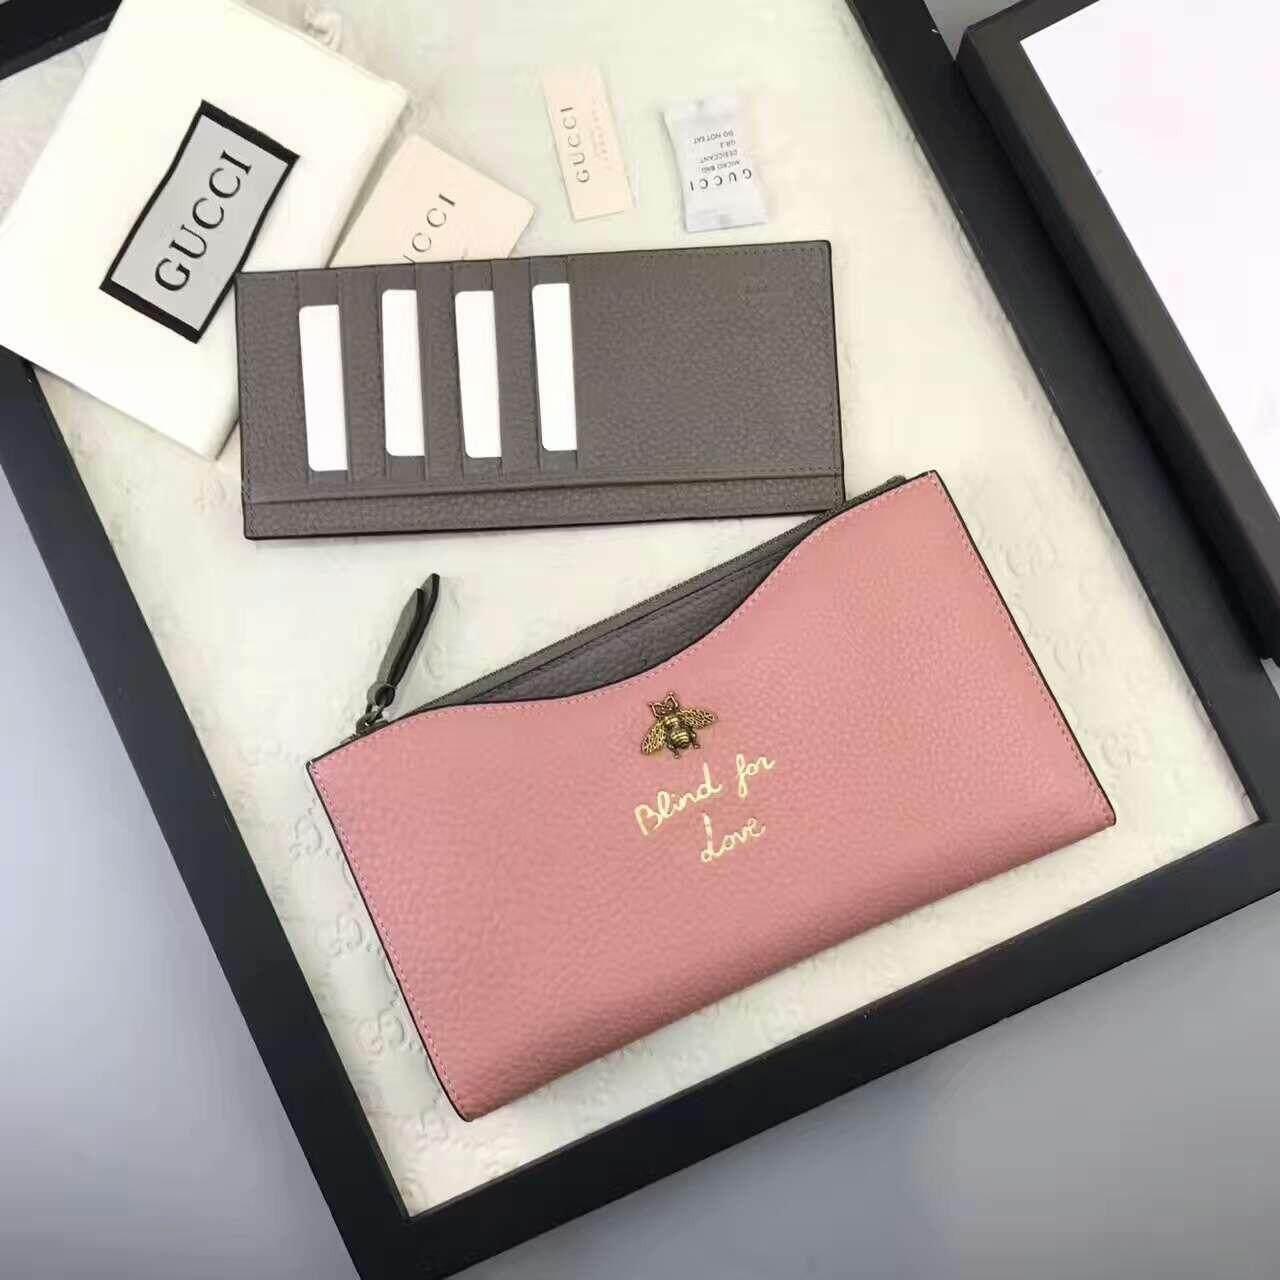 Gucci Animalier Dokumen Perjalanan Kasus Dompet Kulit Asli (3 Warna Hitam/Merah/Merah Muda)-Internasional